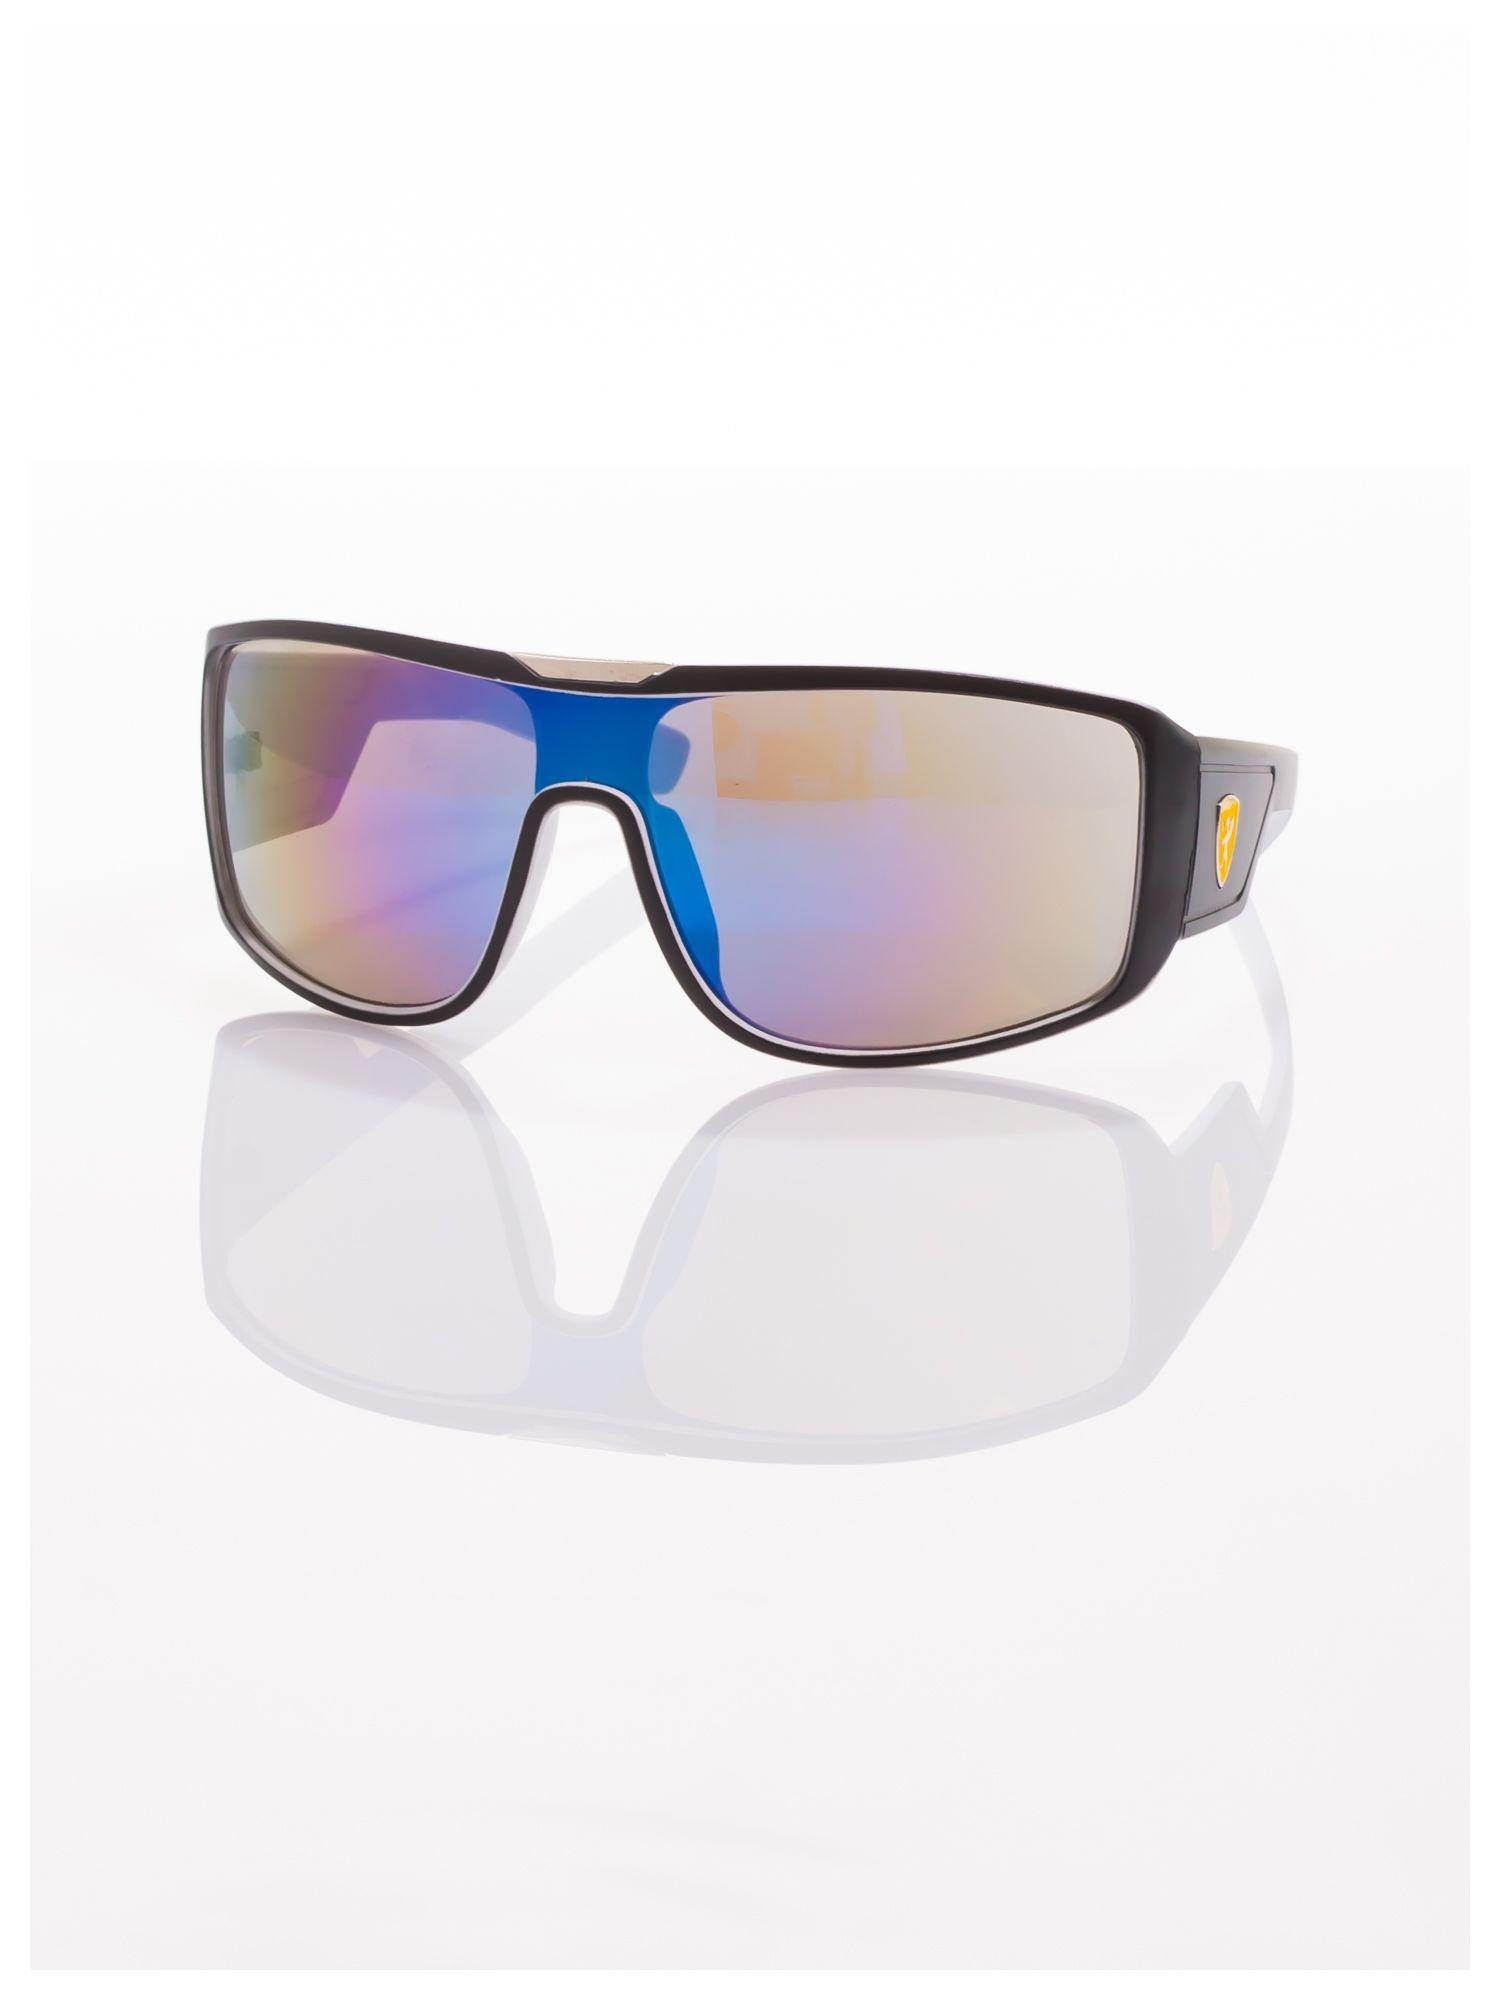 Modne męskie okulary przeciwsłoneczne w stylu Beckhamki                                   zdj.                                  1